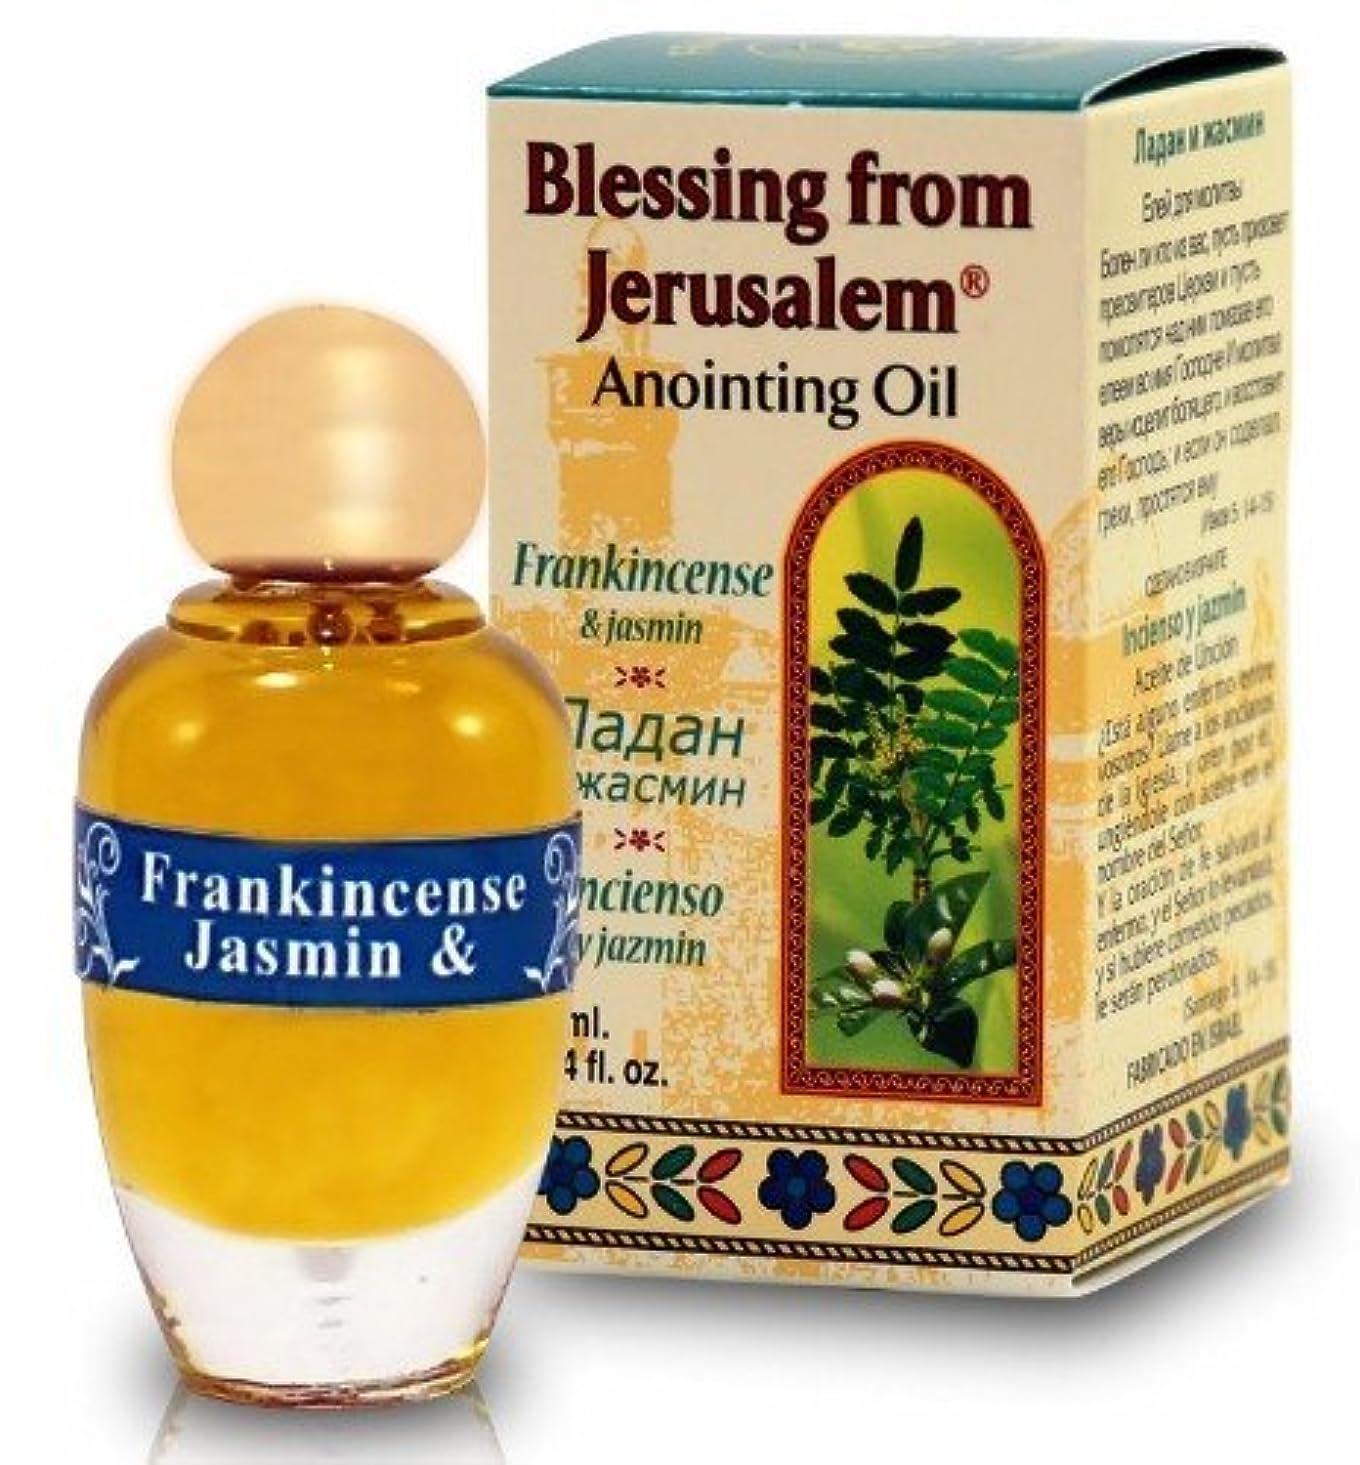 機構しないでください剥ぎ取るTop Seller Frankincense &ジャスミンAnointing Oil byベツレヘムギフトTM